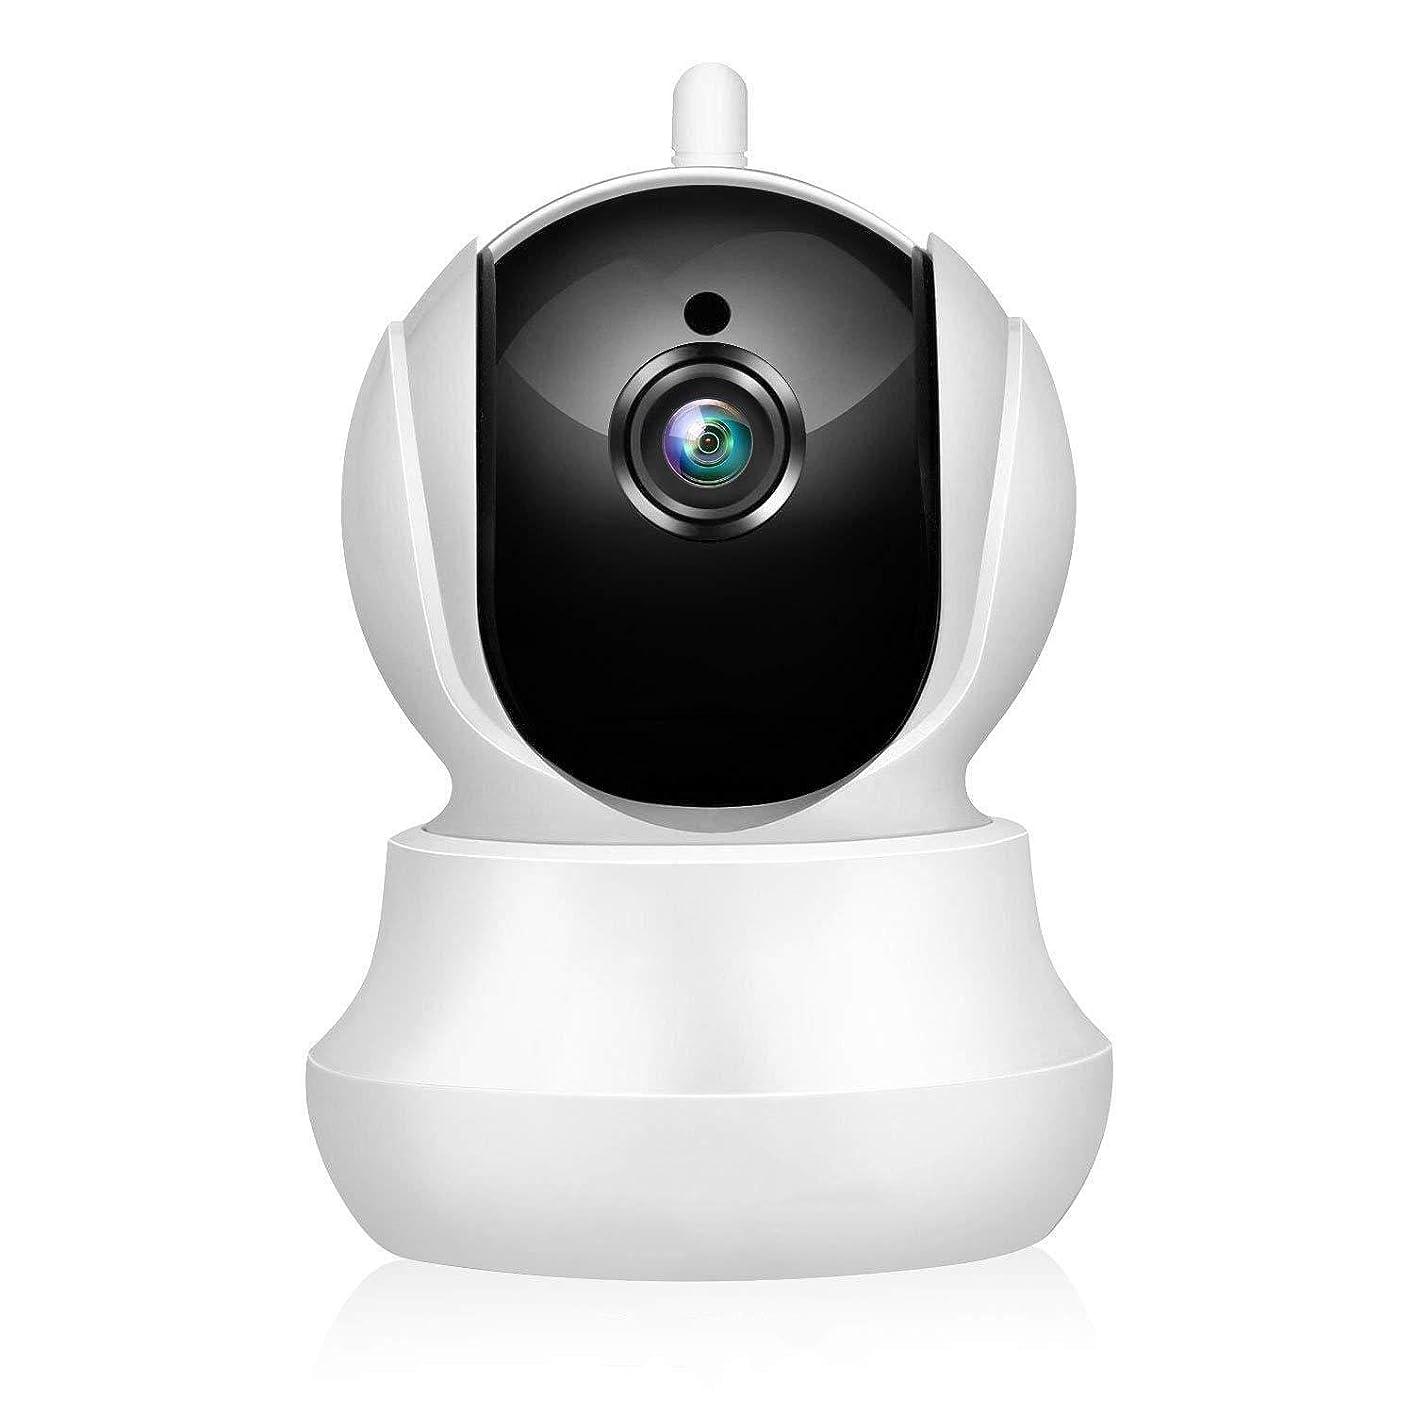 ポータブル本当にドラッグIP カメラ、ワイヤレスホームセキュリティ720P の HD Wifi カメラパンチルト、ナイトビジョン、モーション検出、双方向オーディオ、電子メールアラーム、IOS 用マイクロ SD レコーディング